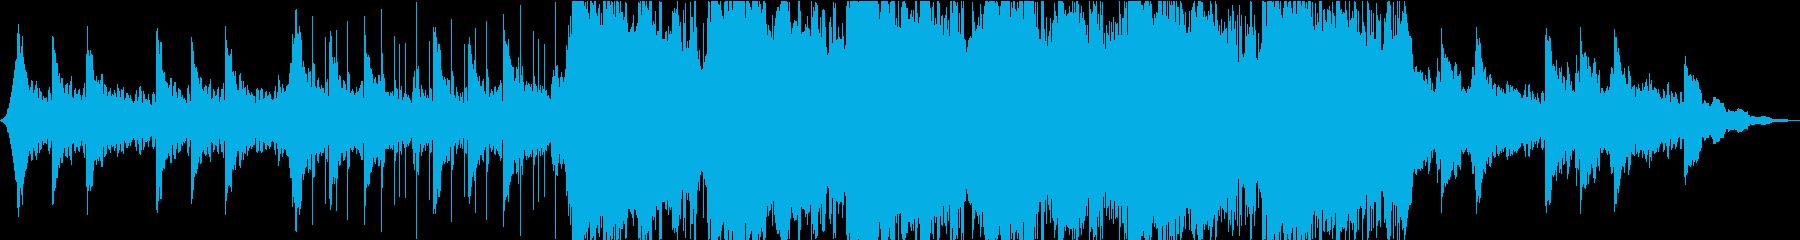 アンビエントミュージック ポジティ...の再生済みの波形